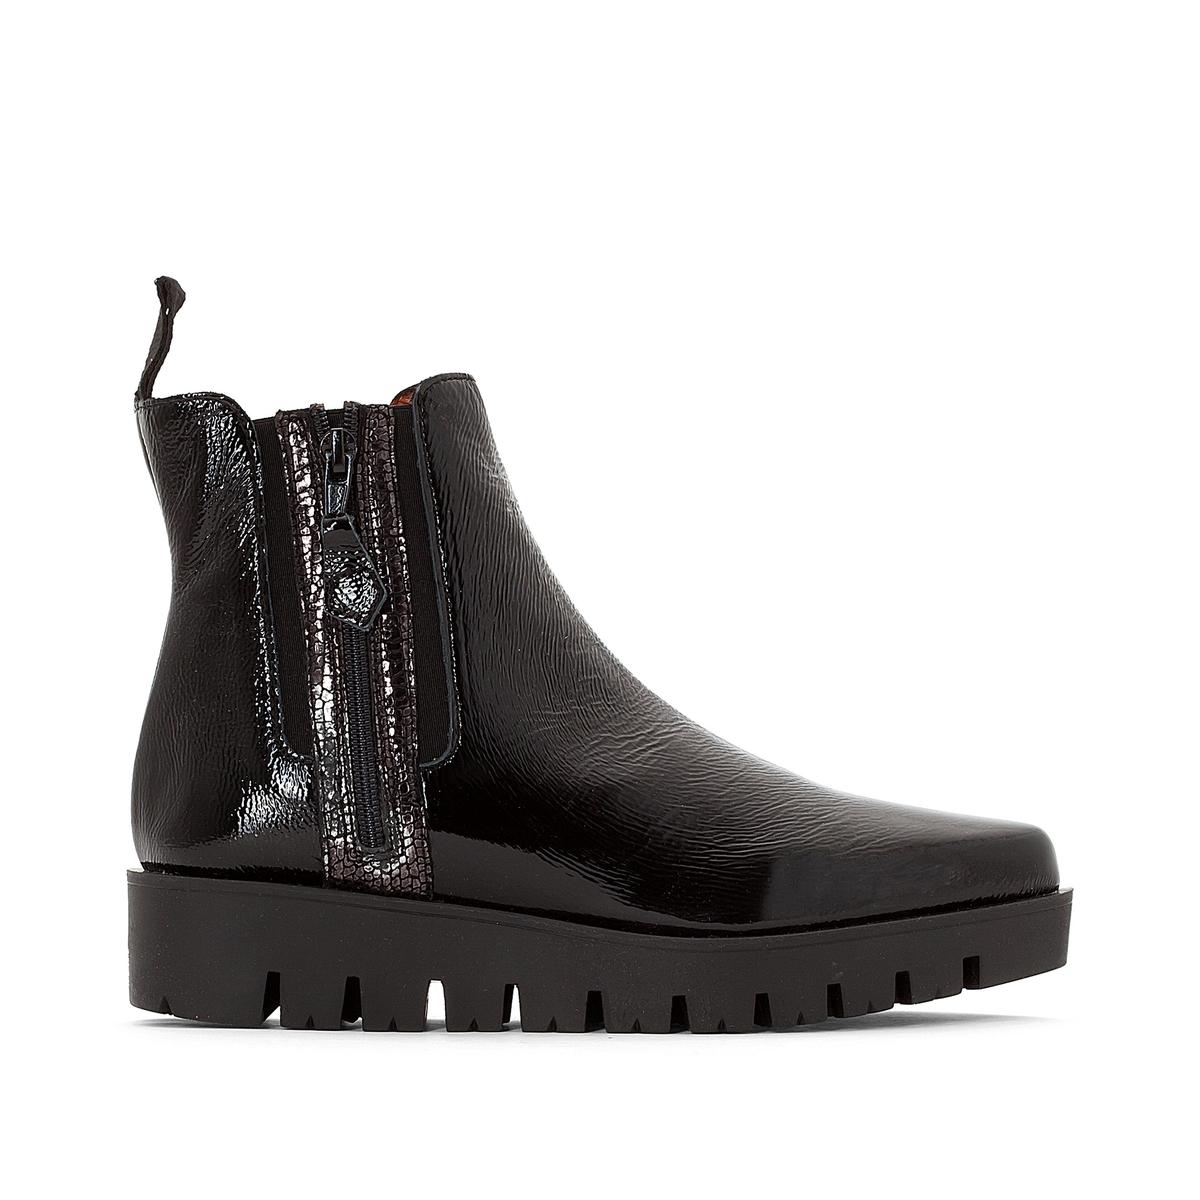 Ботинки кожаные лакированные, MIROTПодкладка: Кожа.Стелька: Кожа.Подошва: Синтетический материал.    Высота голенища: 18,5 см.  Форма каблука: Плоская.   Мысок: Круглый.          Застежка: На молнию.<br><br>Цвет: Черный лак<br>Размер: 38